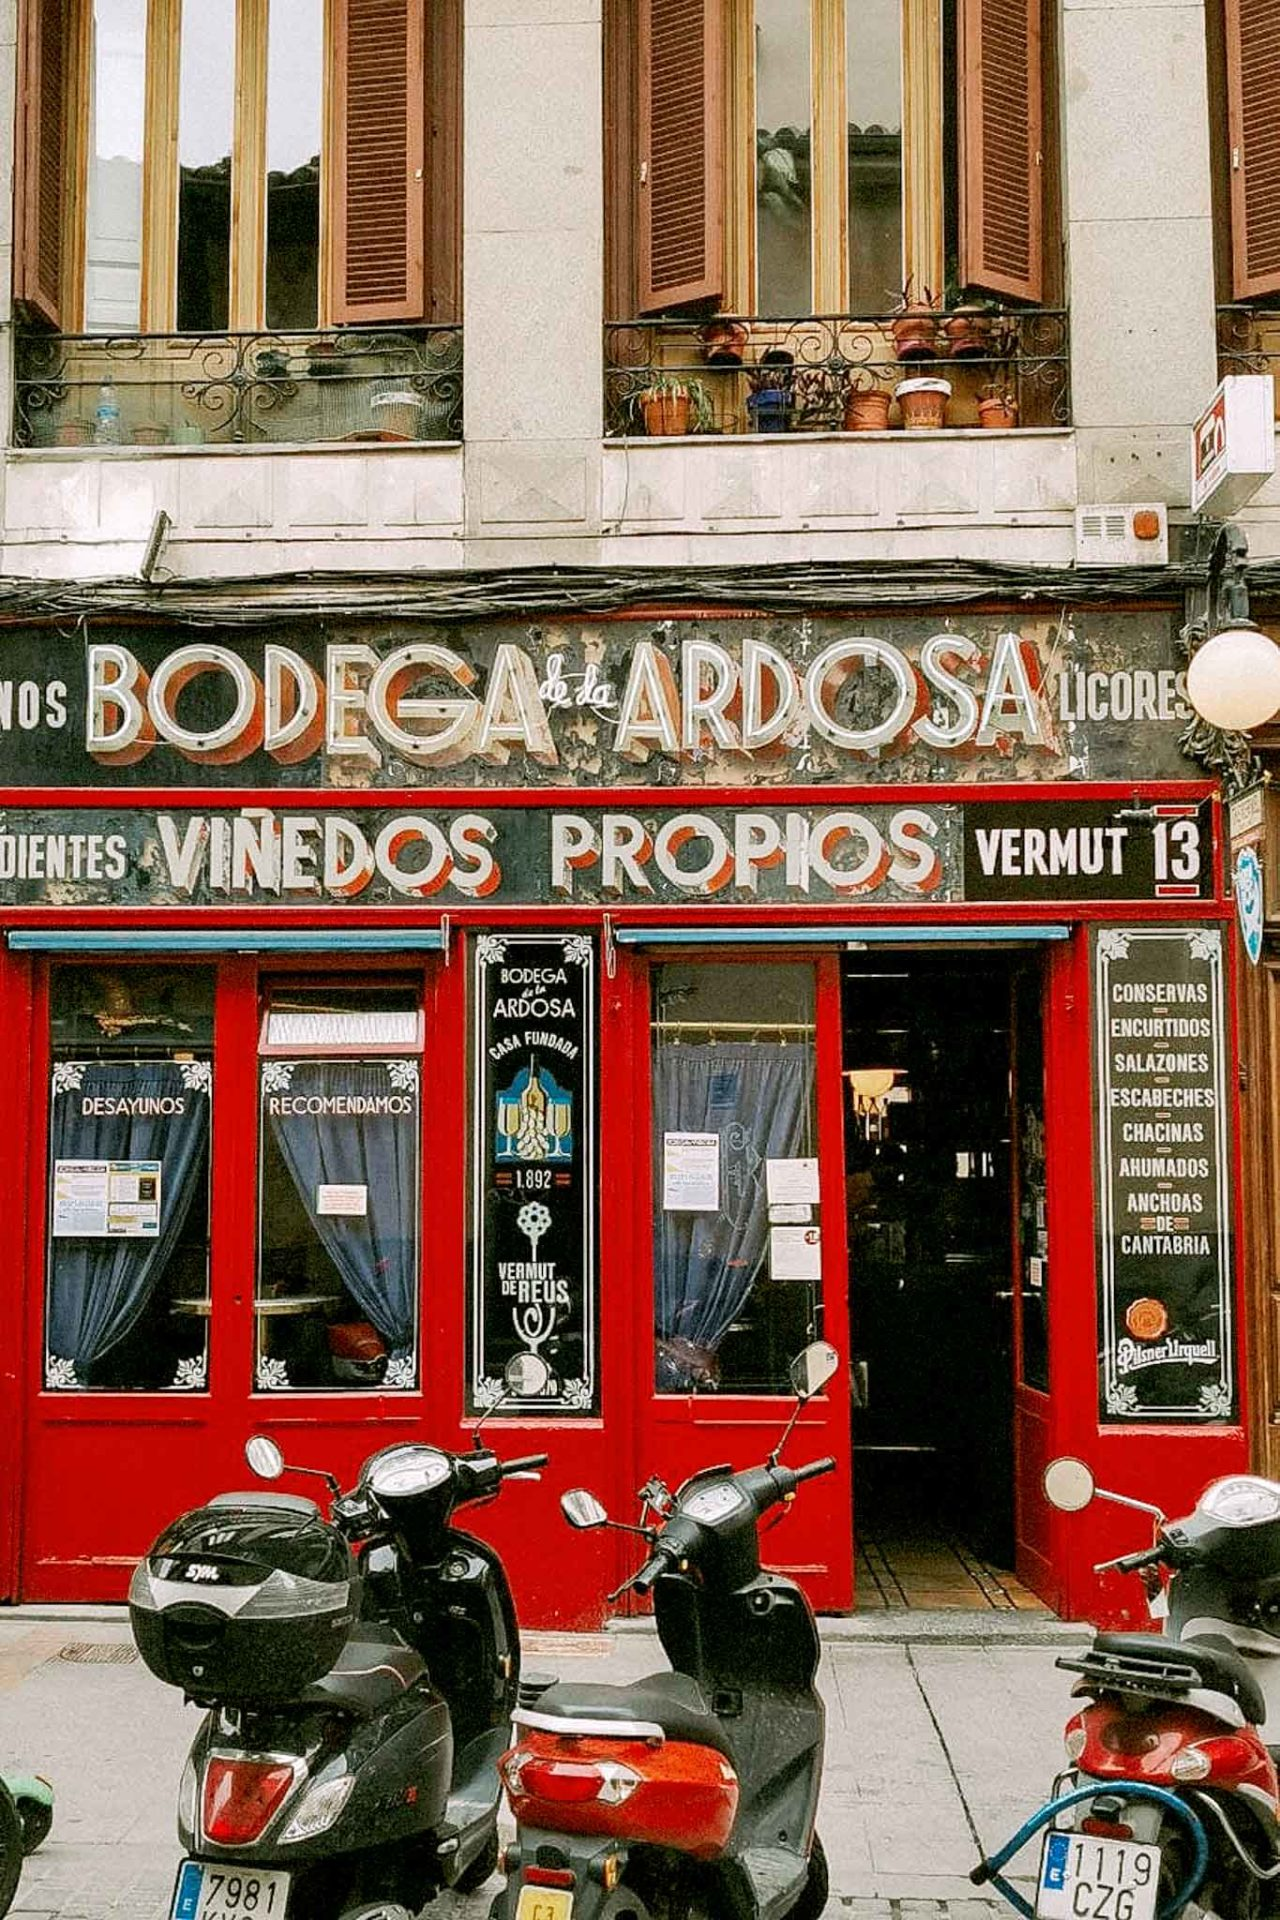 Madrid Bodega de la Ardosa